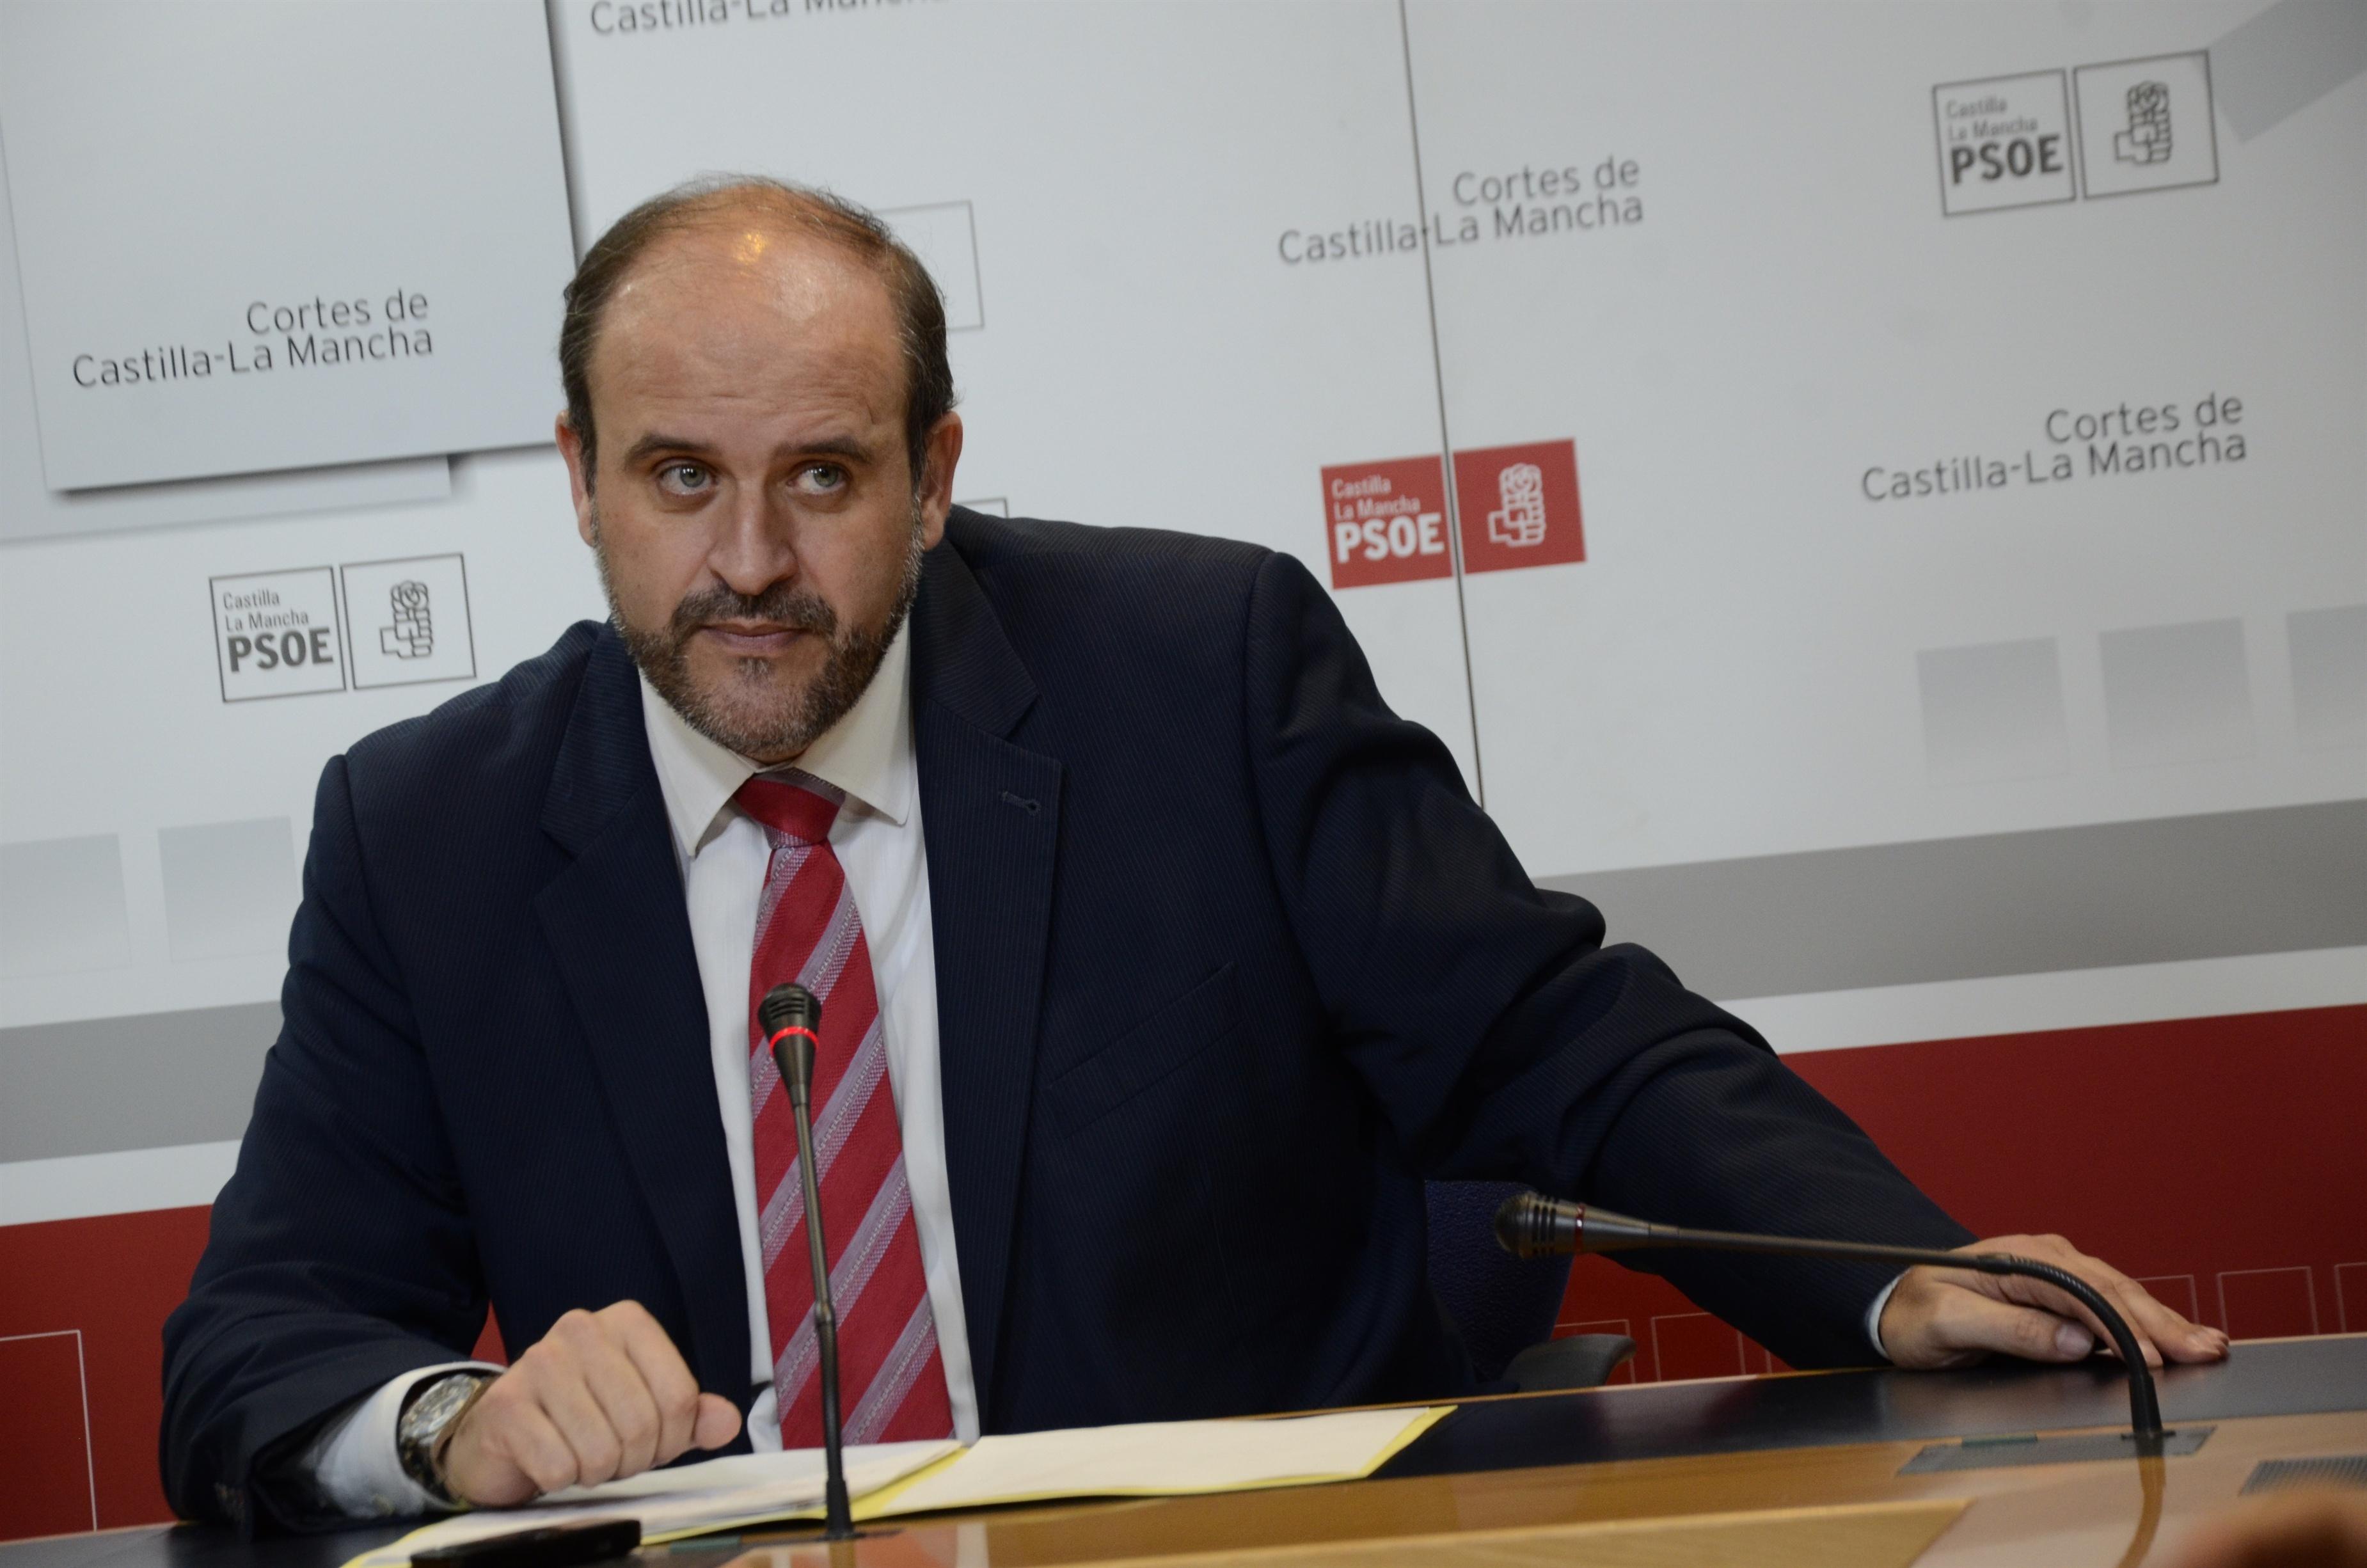 PSOE exige a C-LM que explique en el pleno en qué consiste el nuevo plan de ajuste «tras incumplir el déficit»